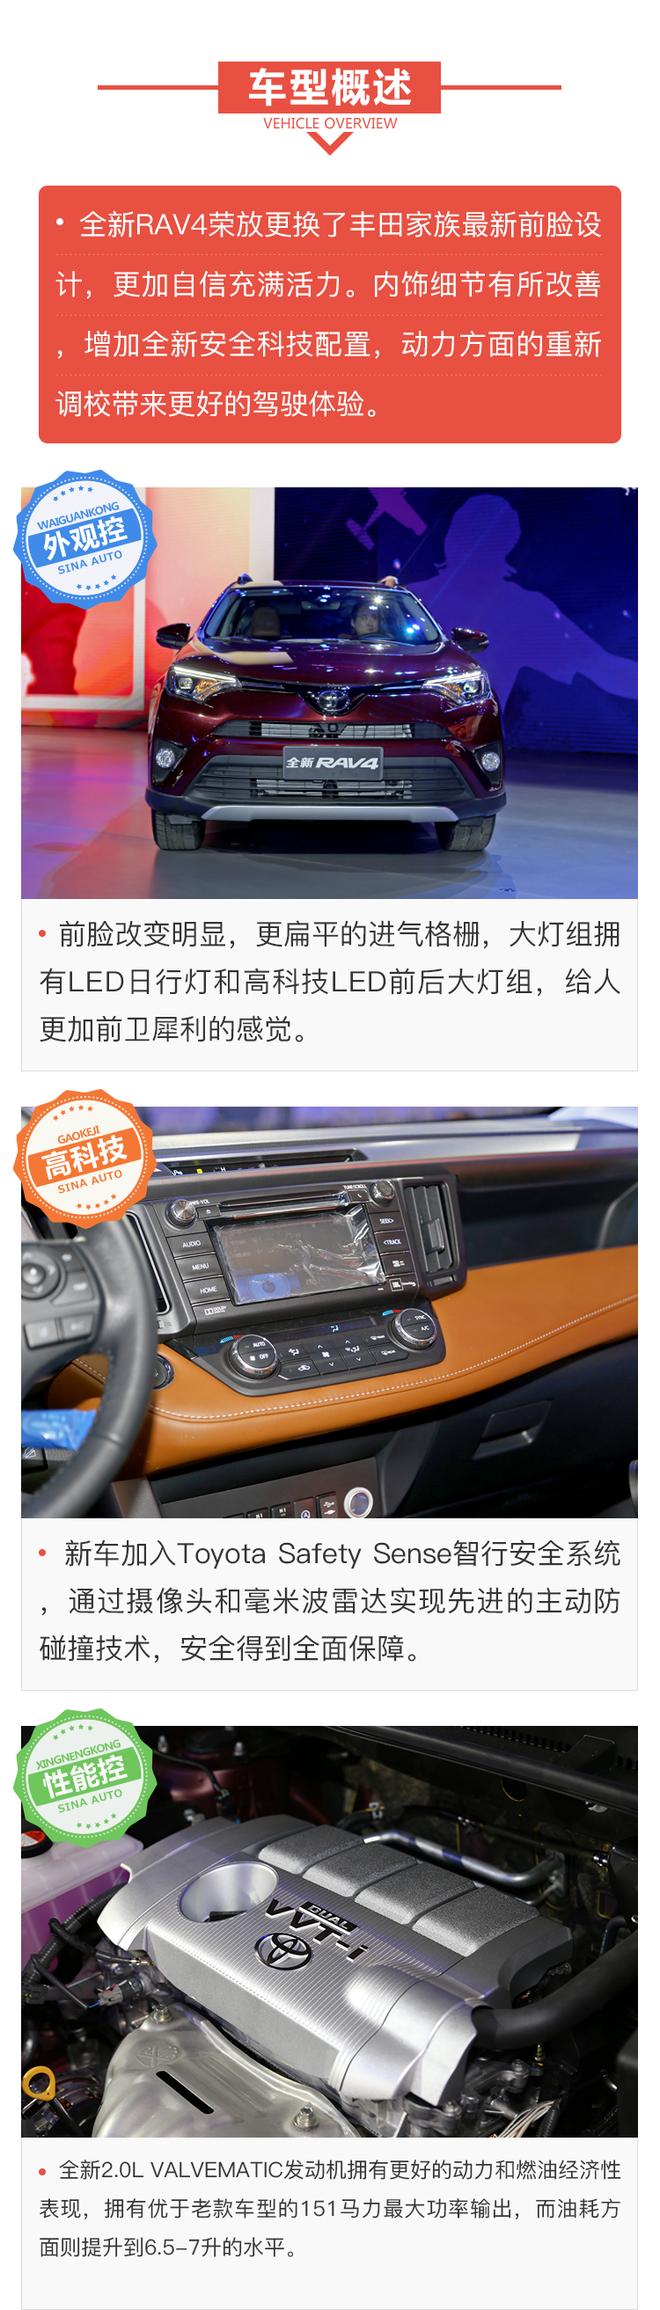 解码新车:全新RAV4荣放能否再次绽放?